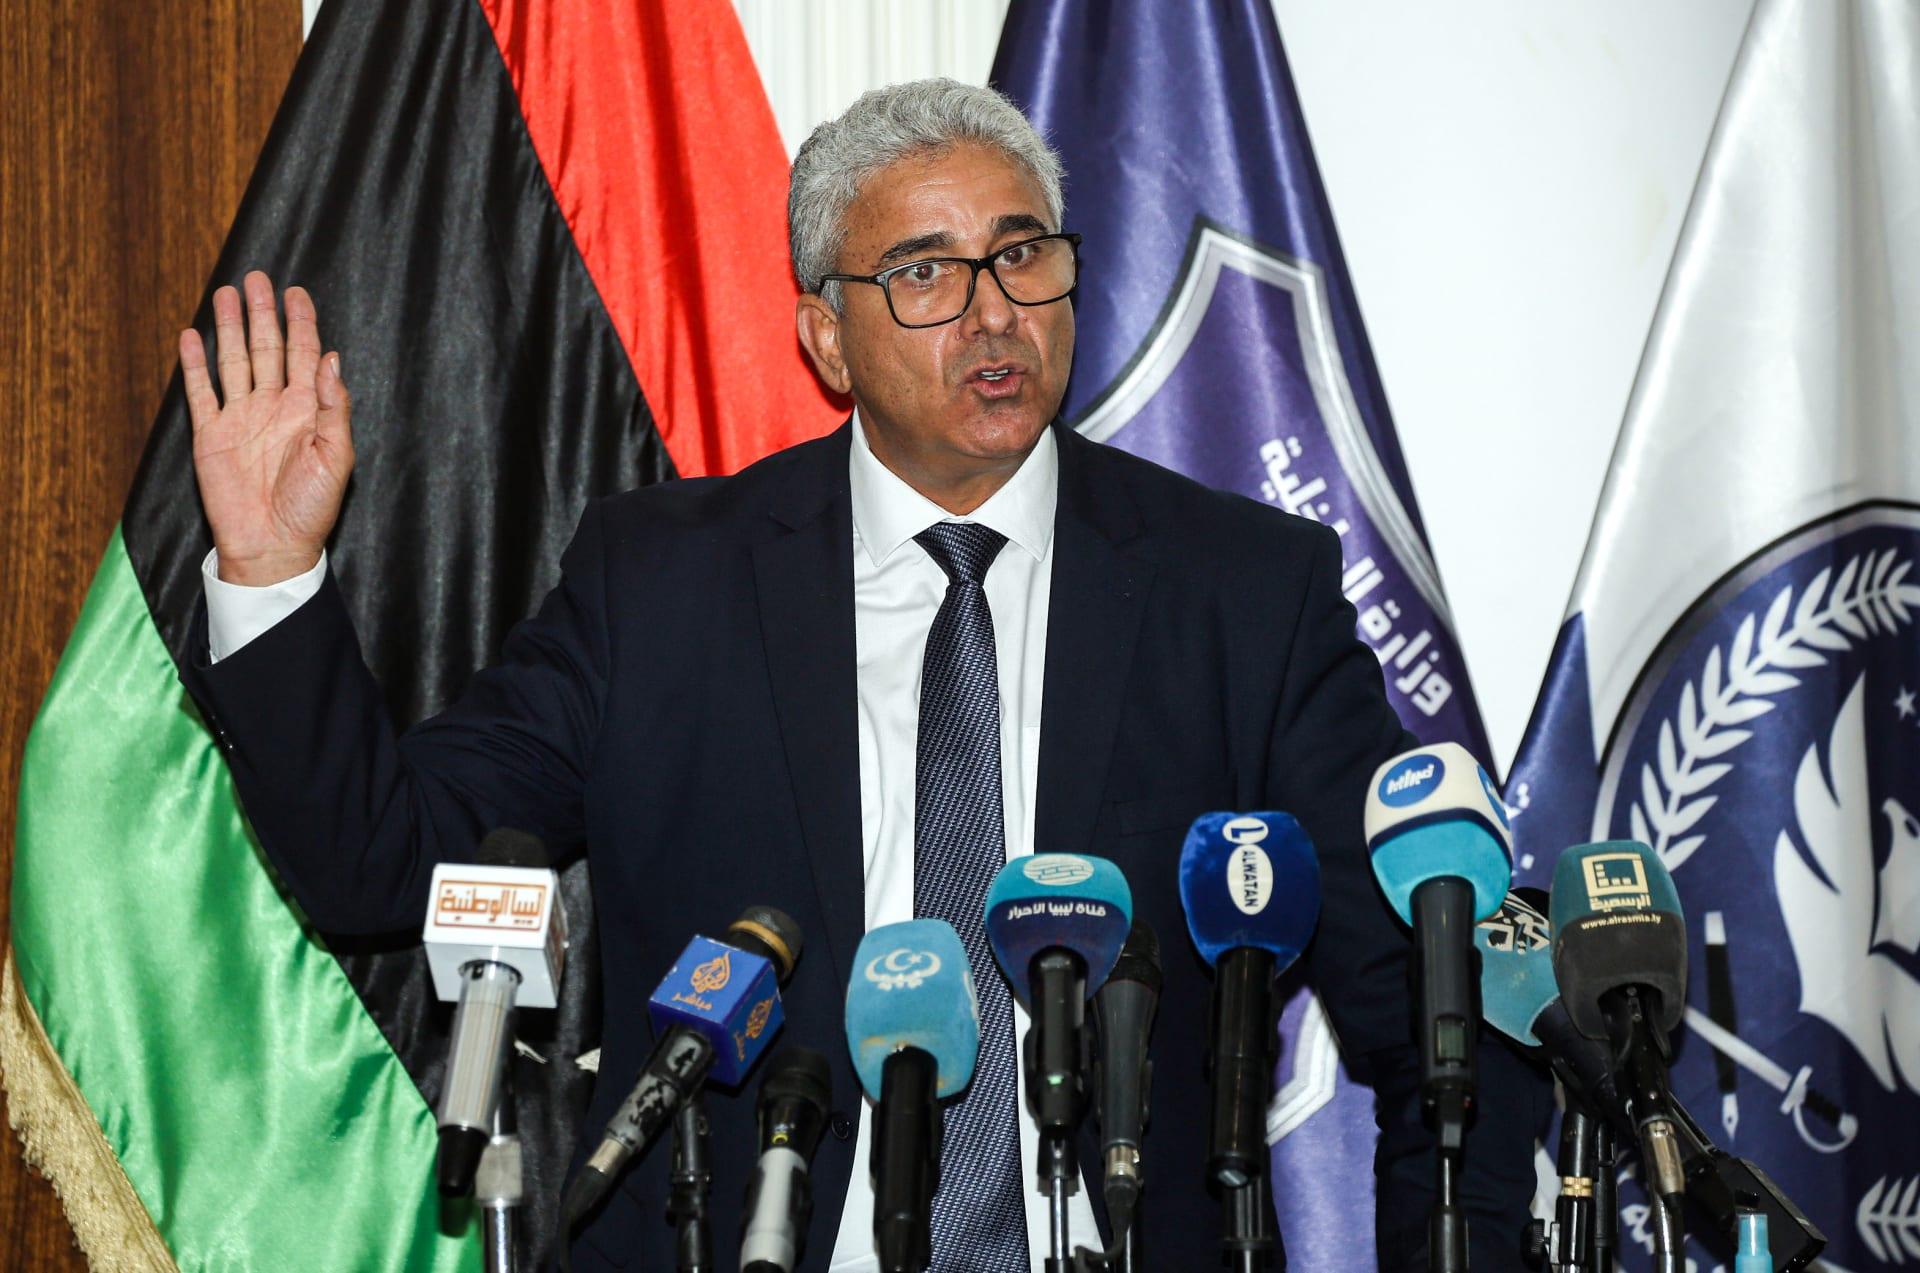 وزير داخلية الوفاق يقبل التحقيق.. واحتفالات بالأسلحة في طرابلس